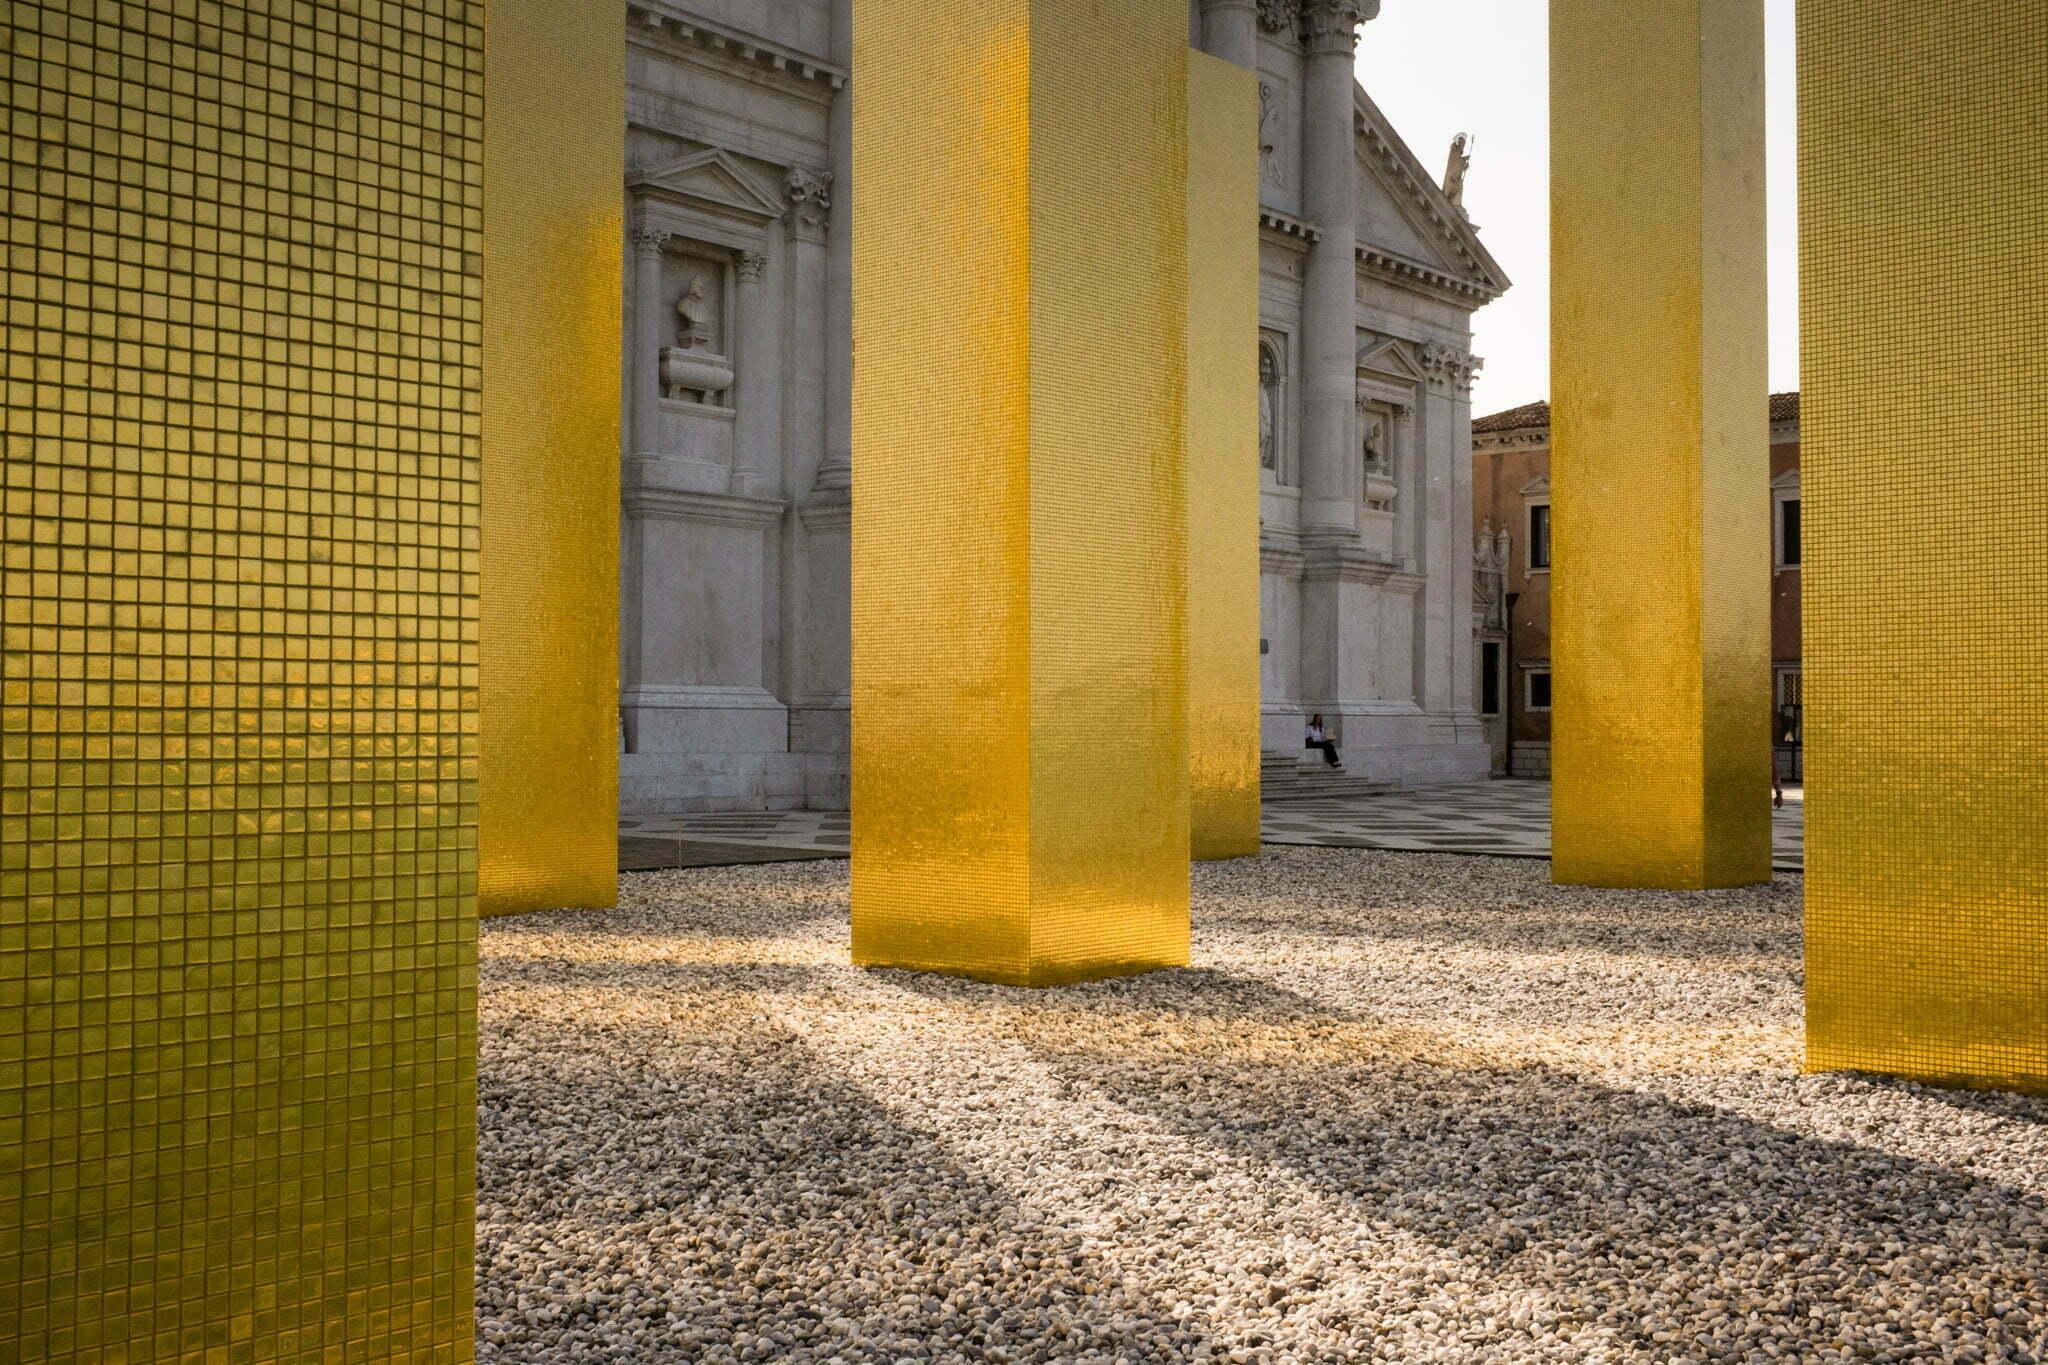 venice-architecture-biennale-2014-golden-columns-7795